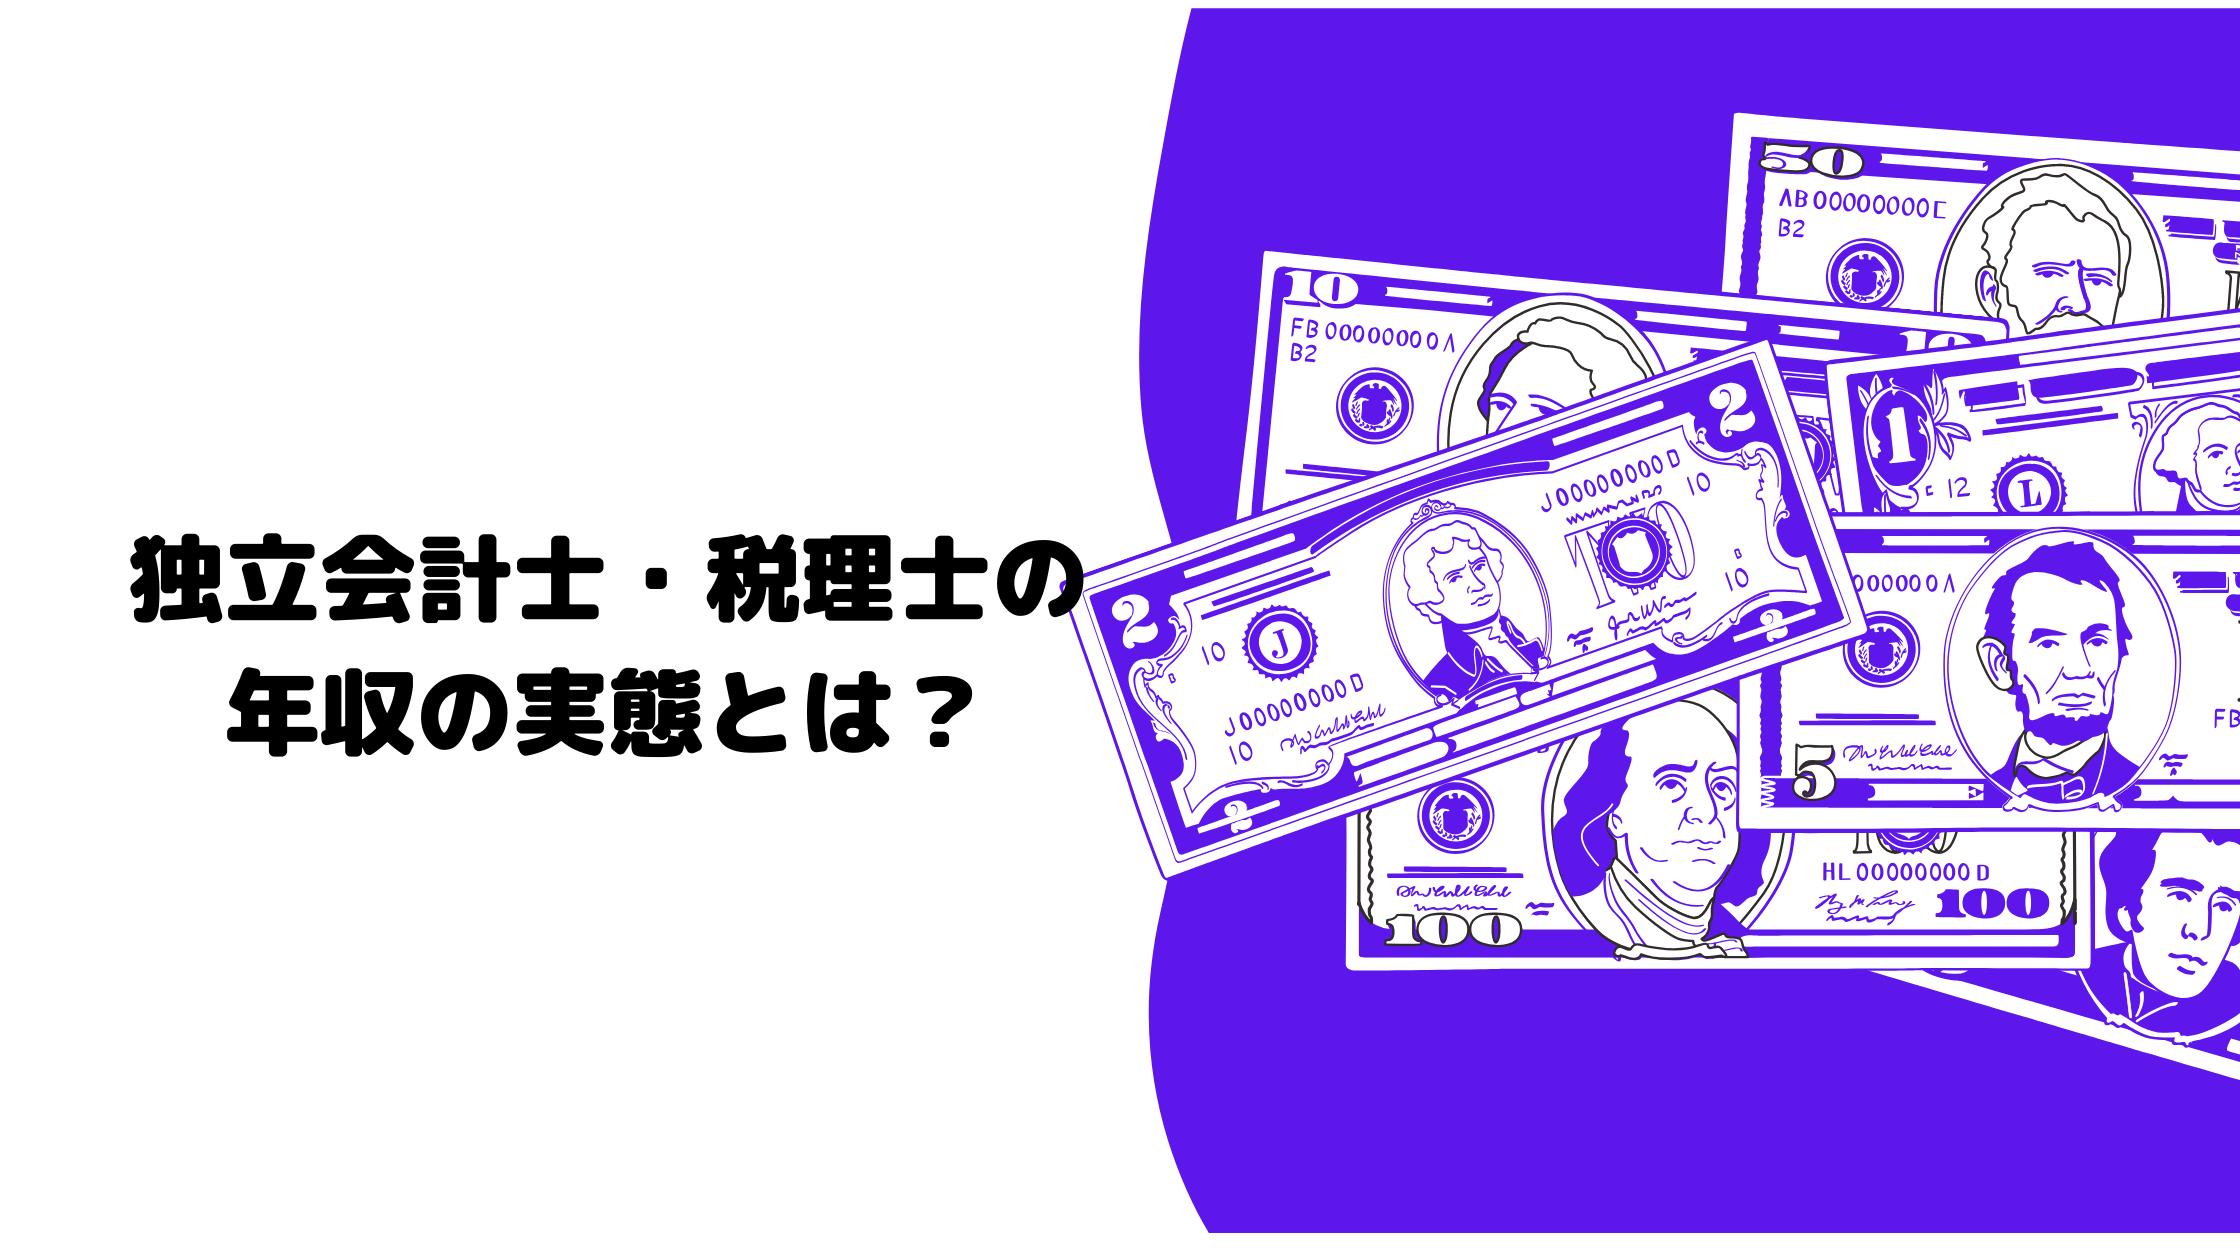 独立公認会計士・税理士の年収の実態とは?